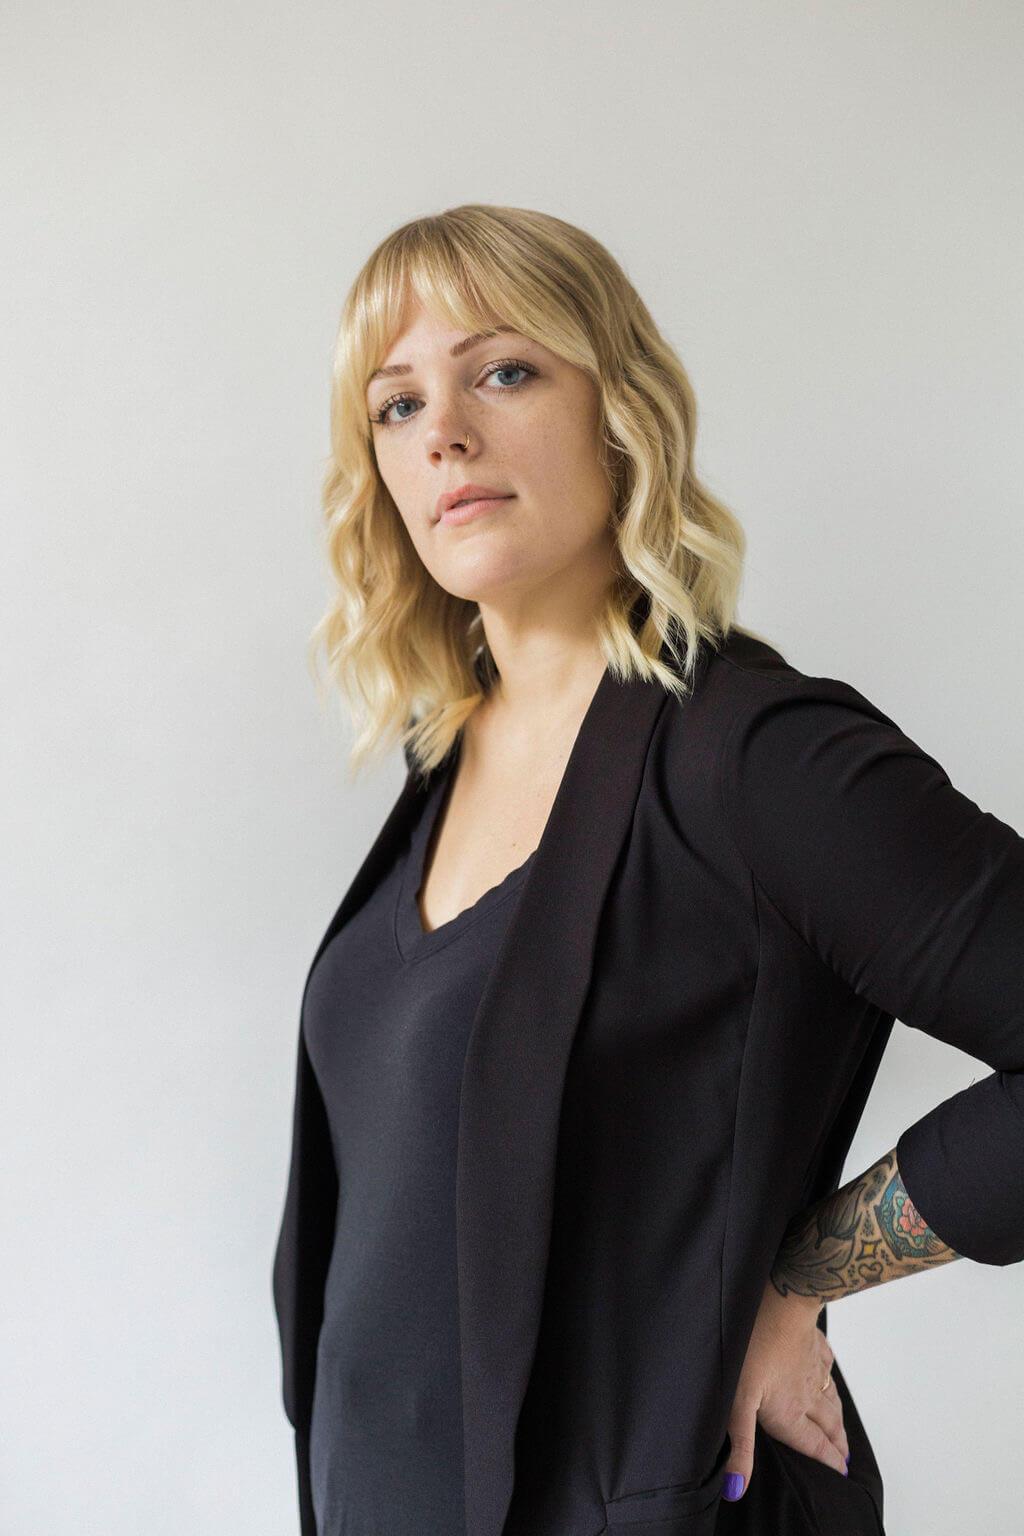 Hairstylist Nadia Domany